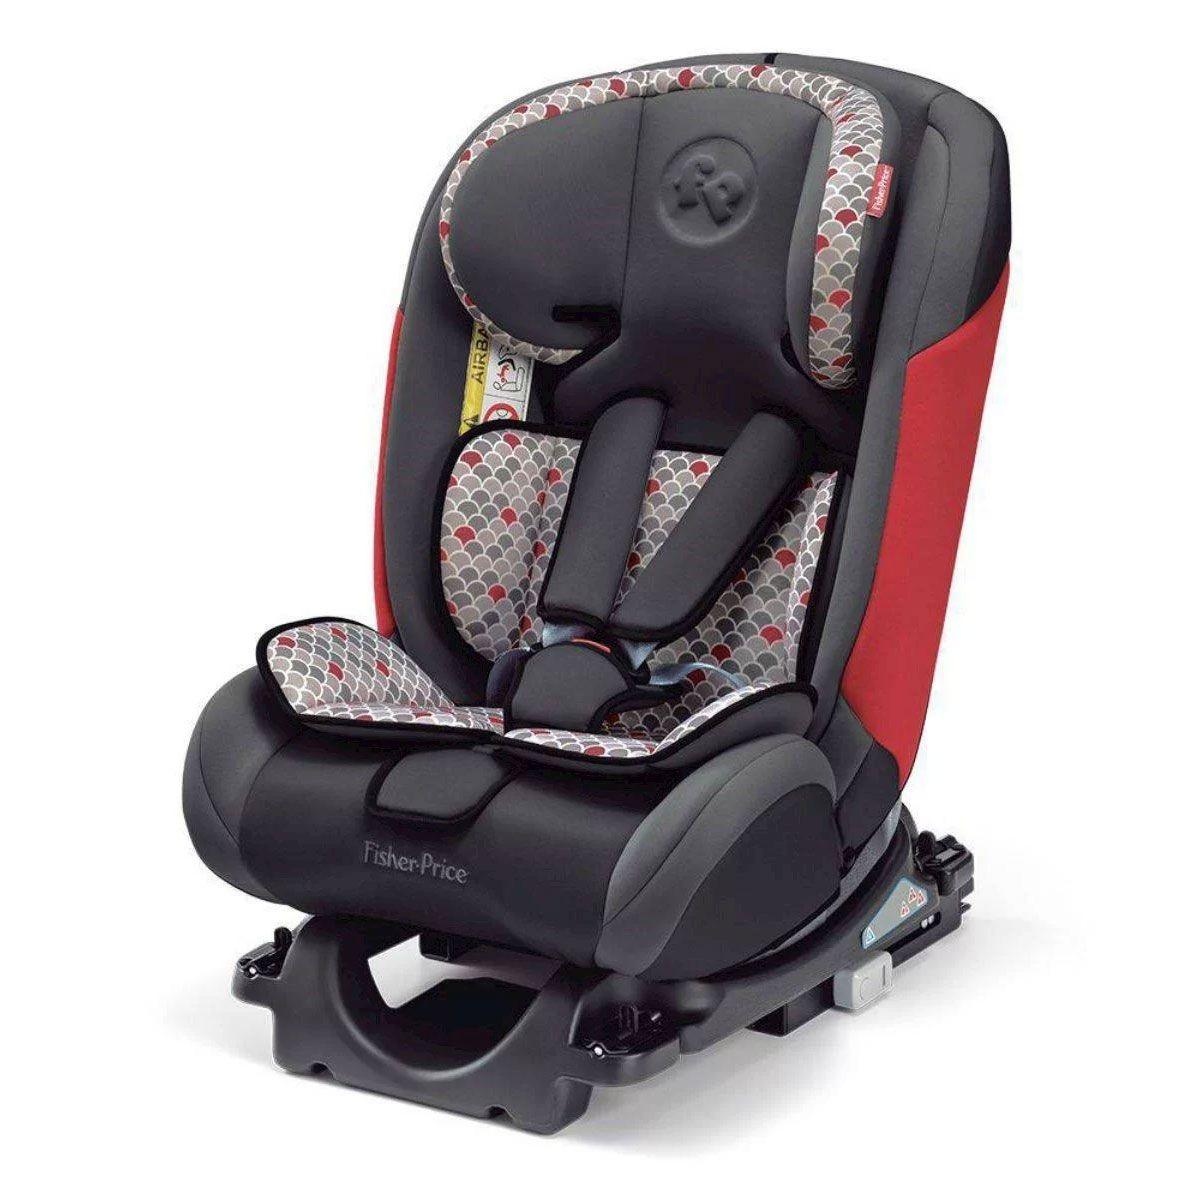 Cadeira Auto Reclinável All Stages Isofix Fisher Price 0 A 36kg Vermelha